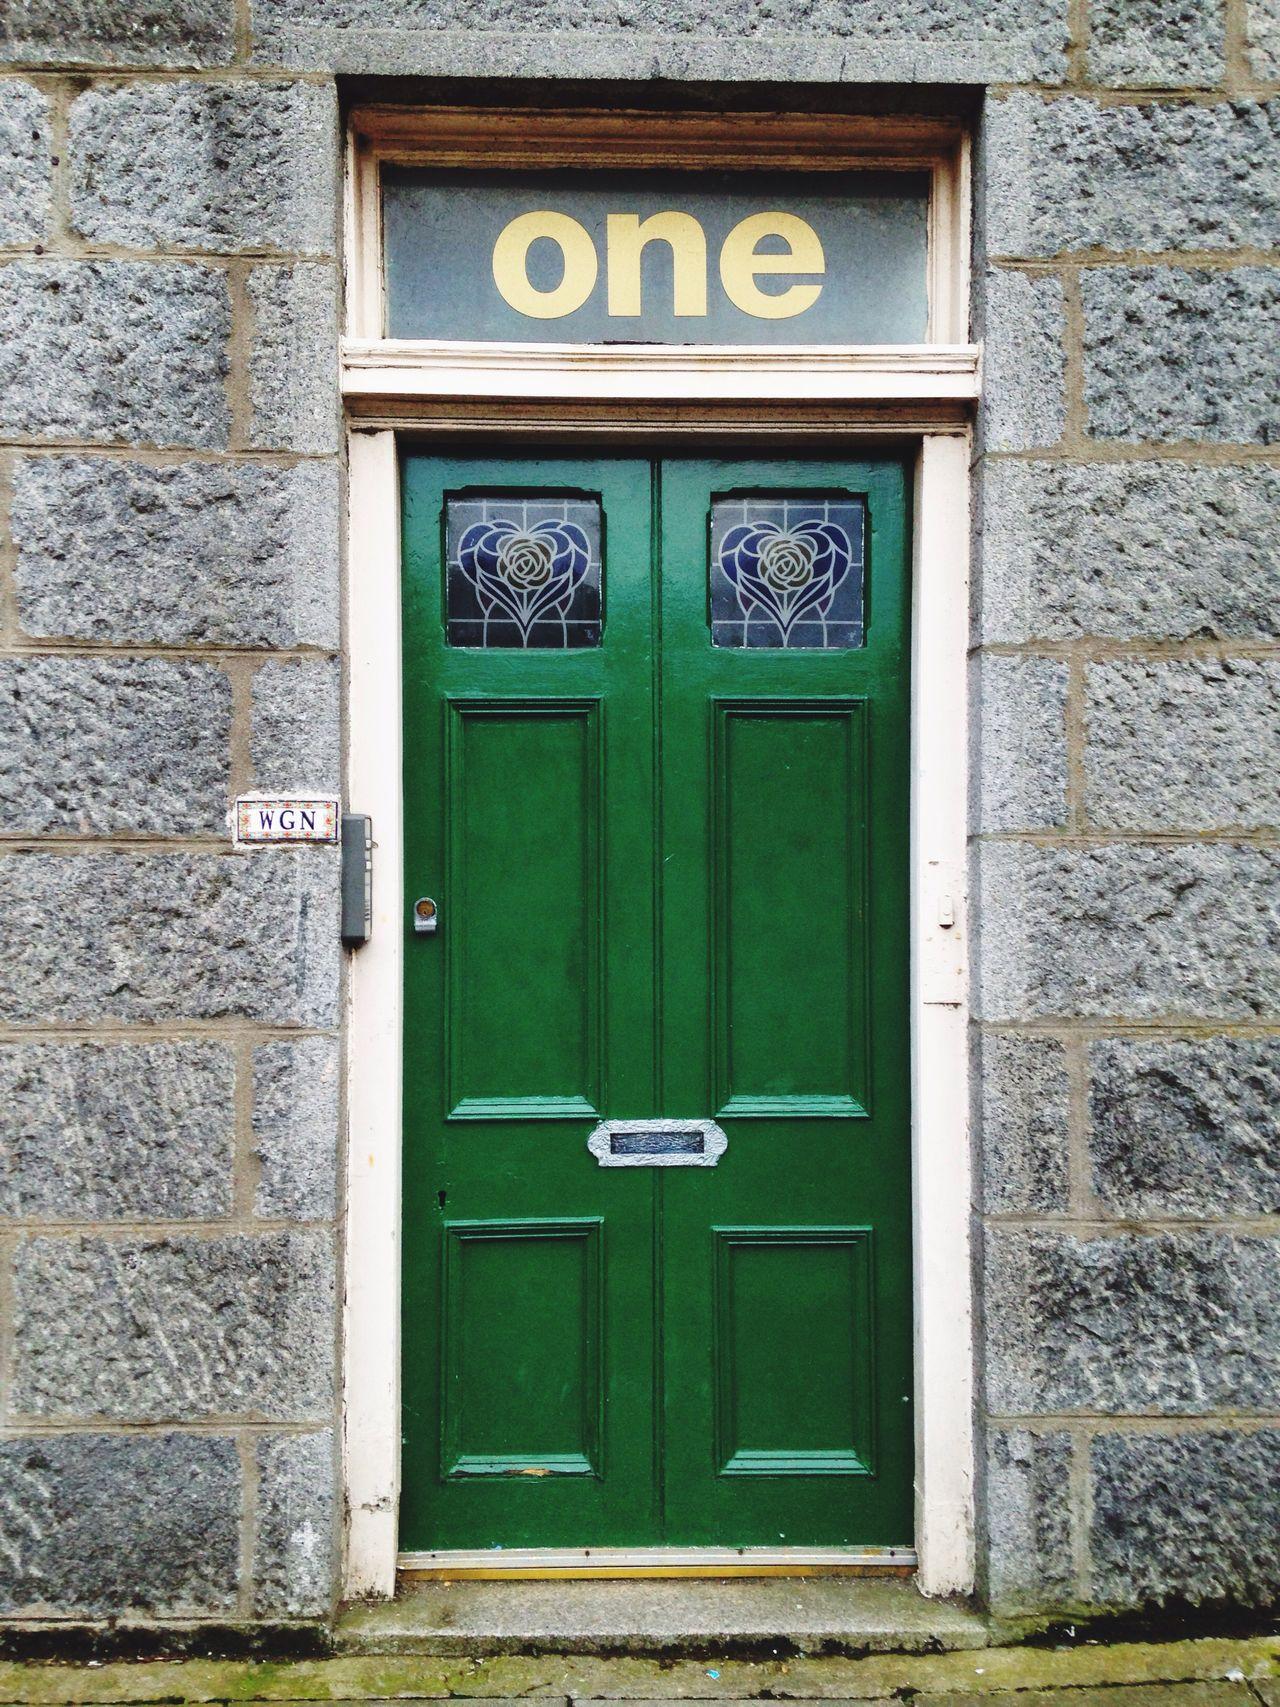 Entrance Entranceway Green Traditional Unique Door Unique Design The One Glass Paint